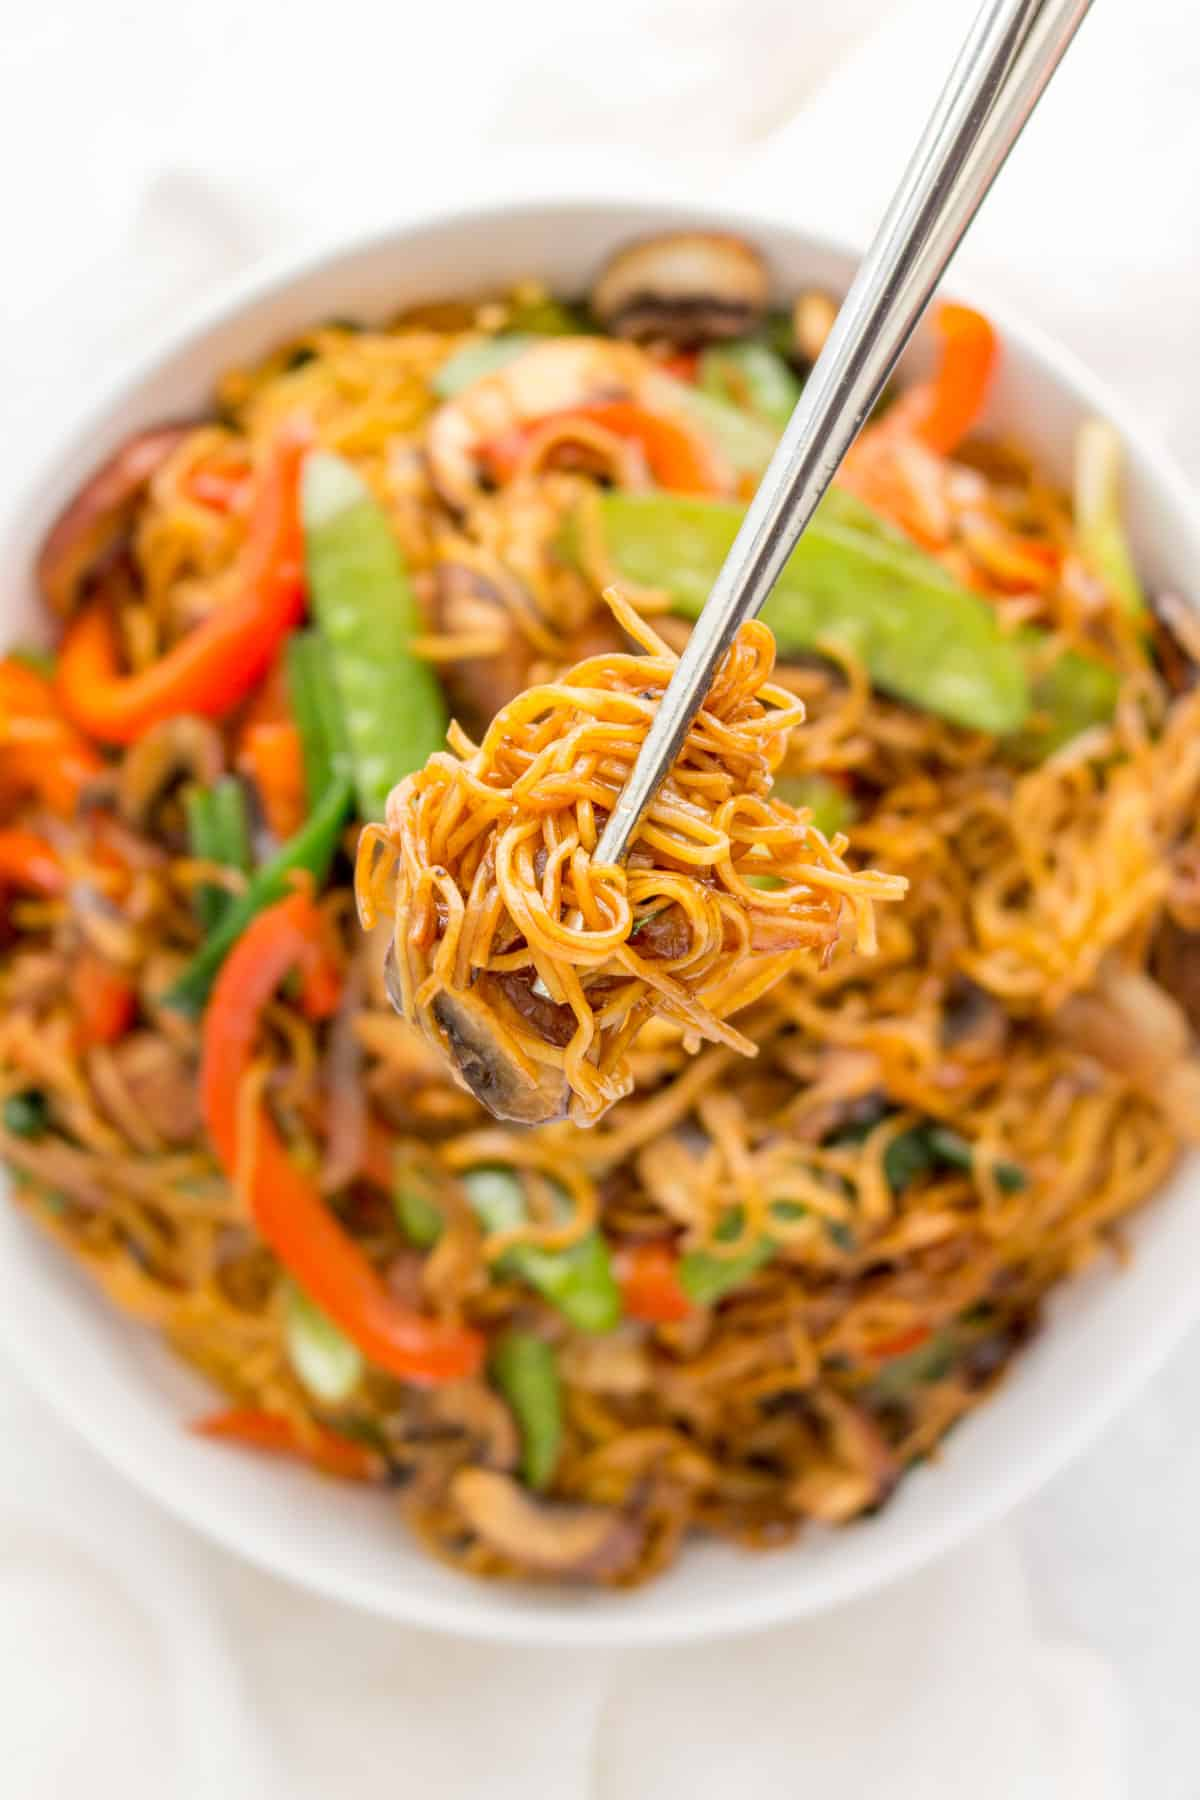 Chopsticks holding up noodles.